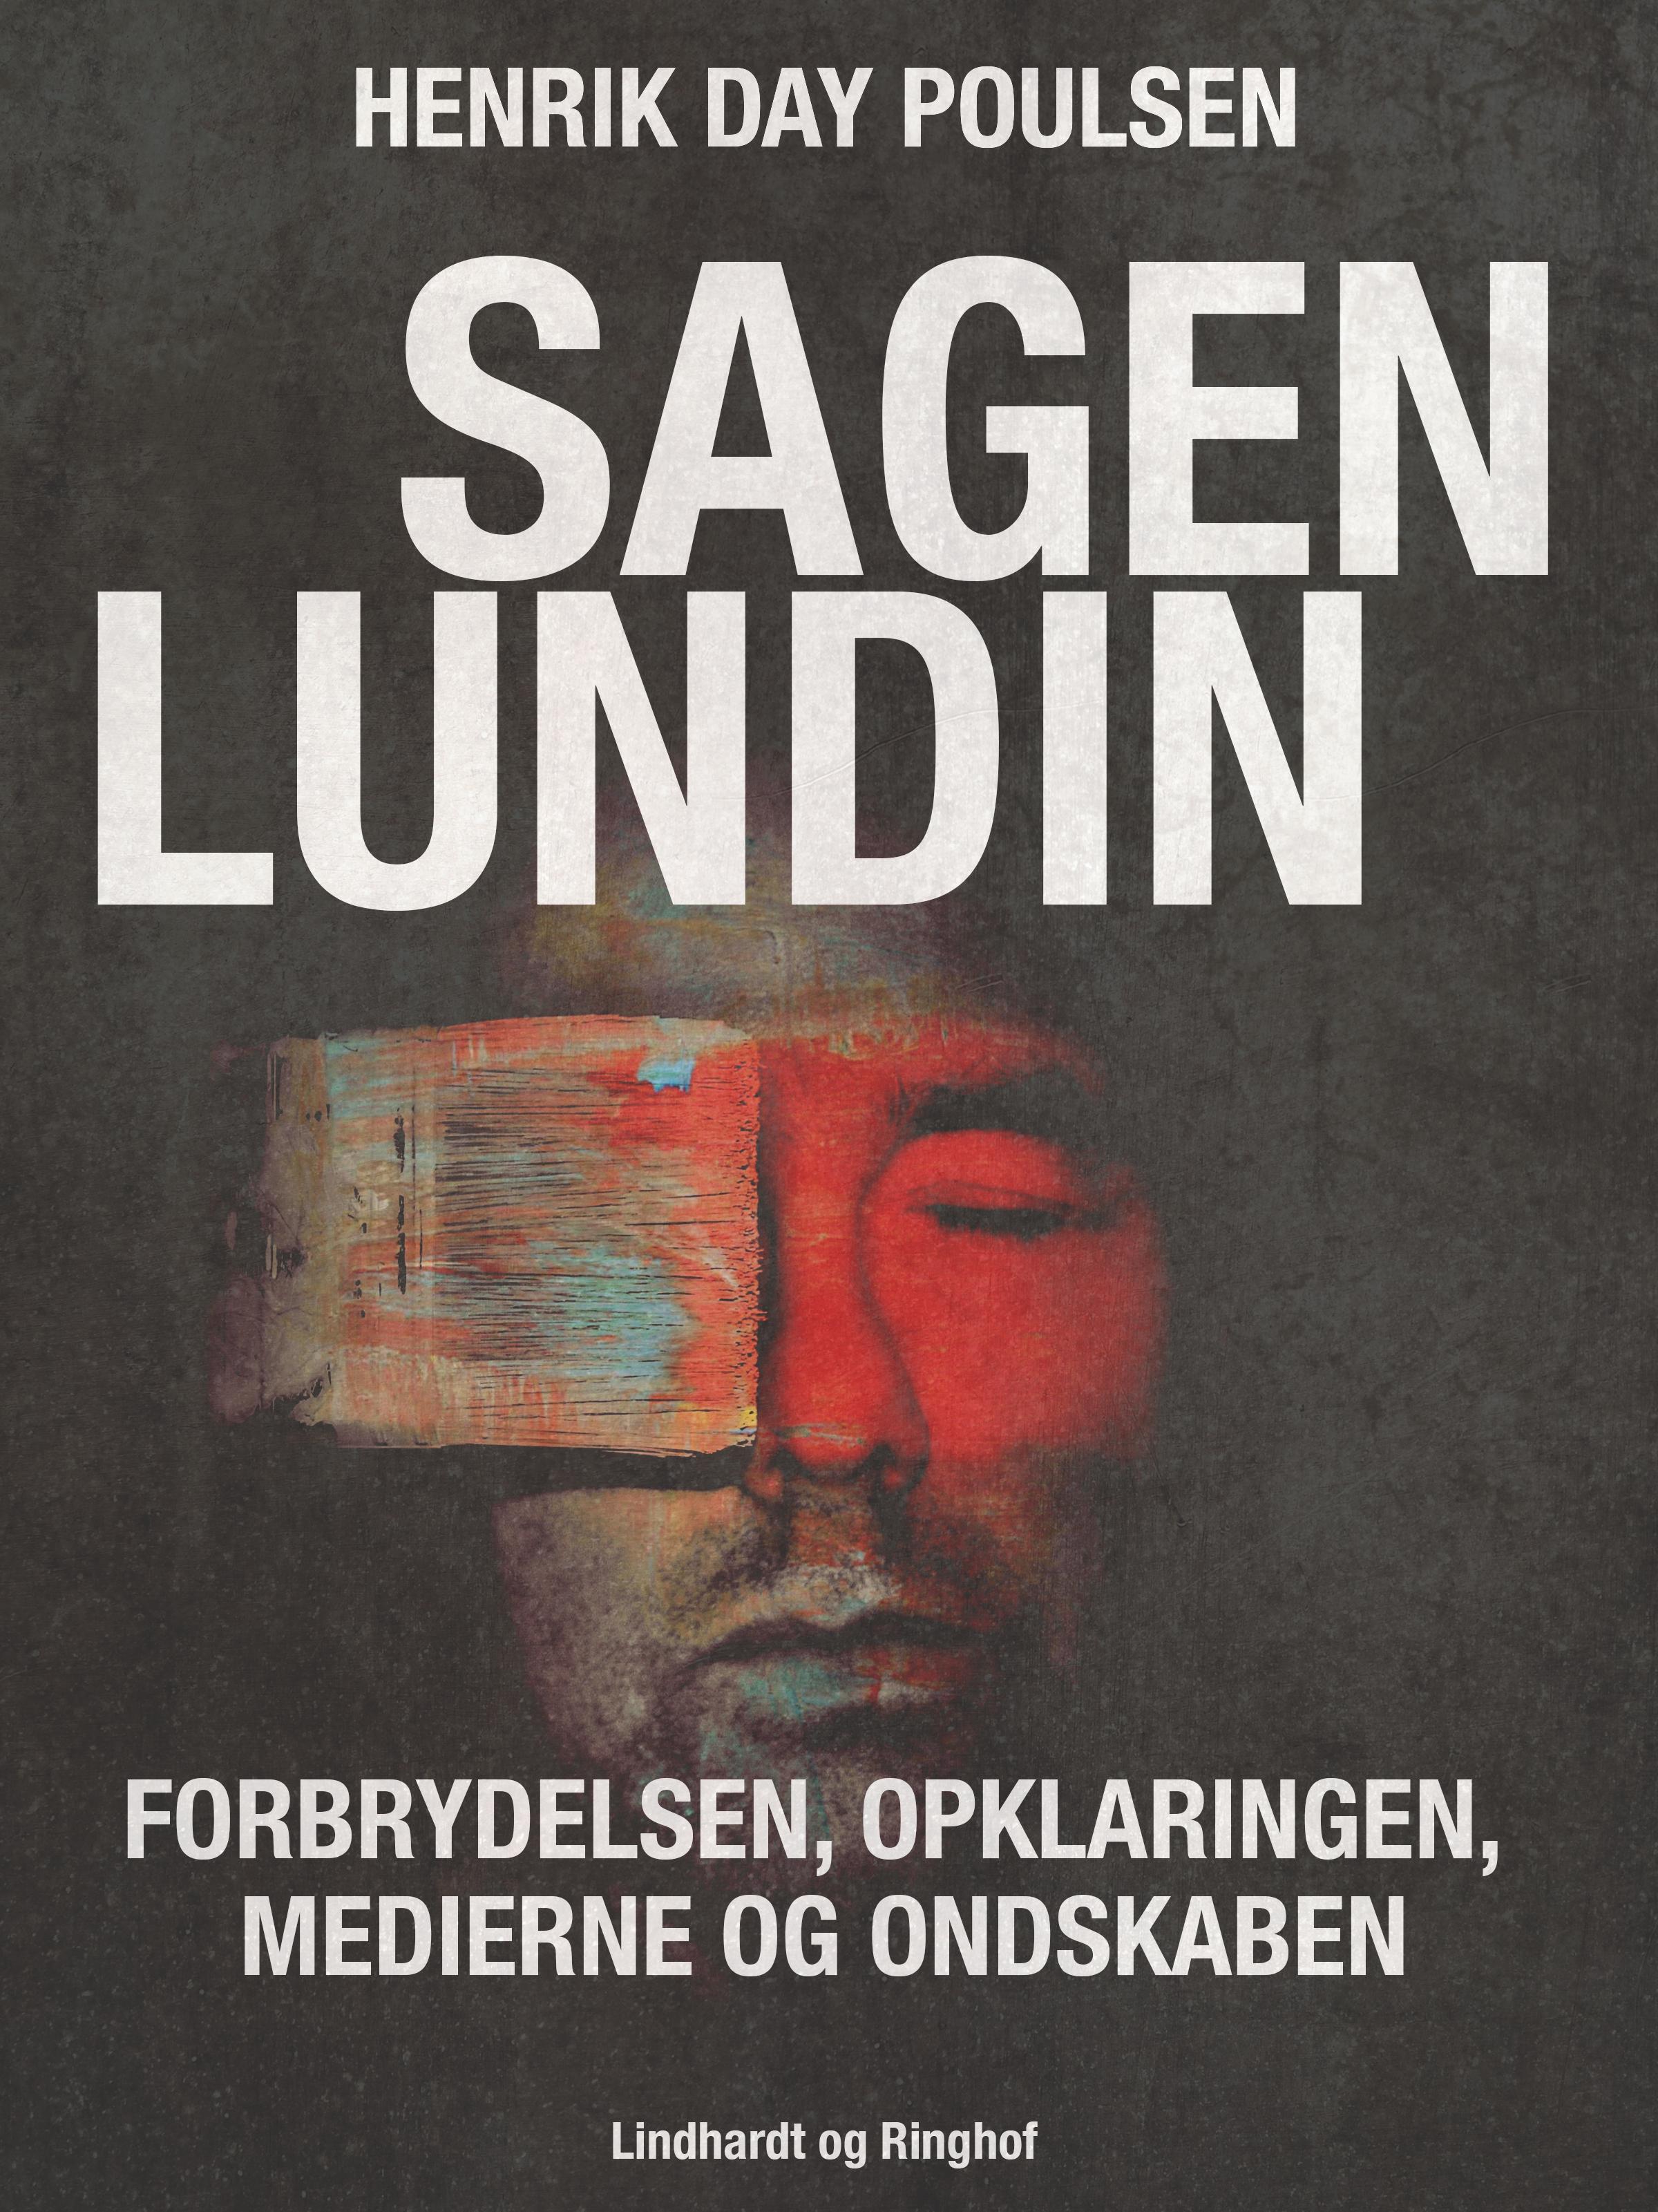 Sagen Lundin - forbrydelsen, opklaringen, medierne og ondskaben - E-lydbog